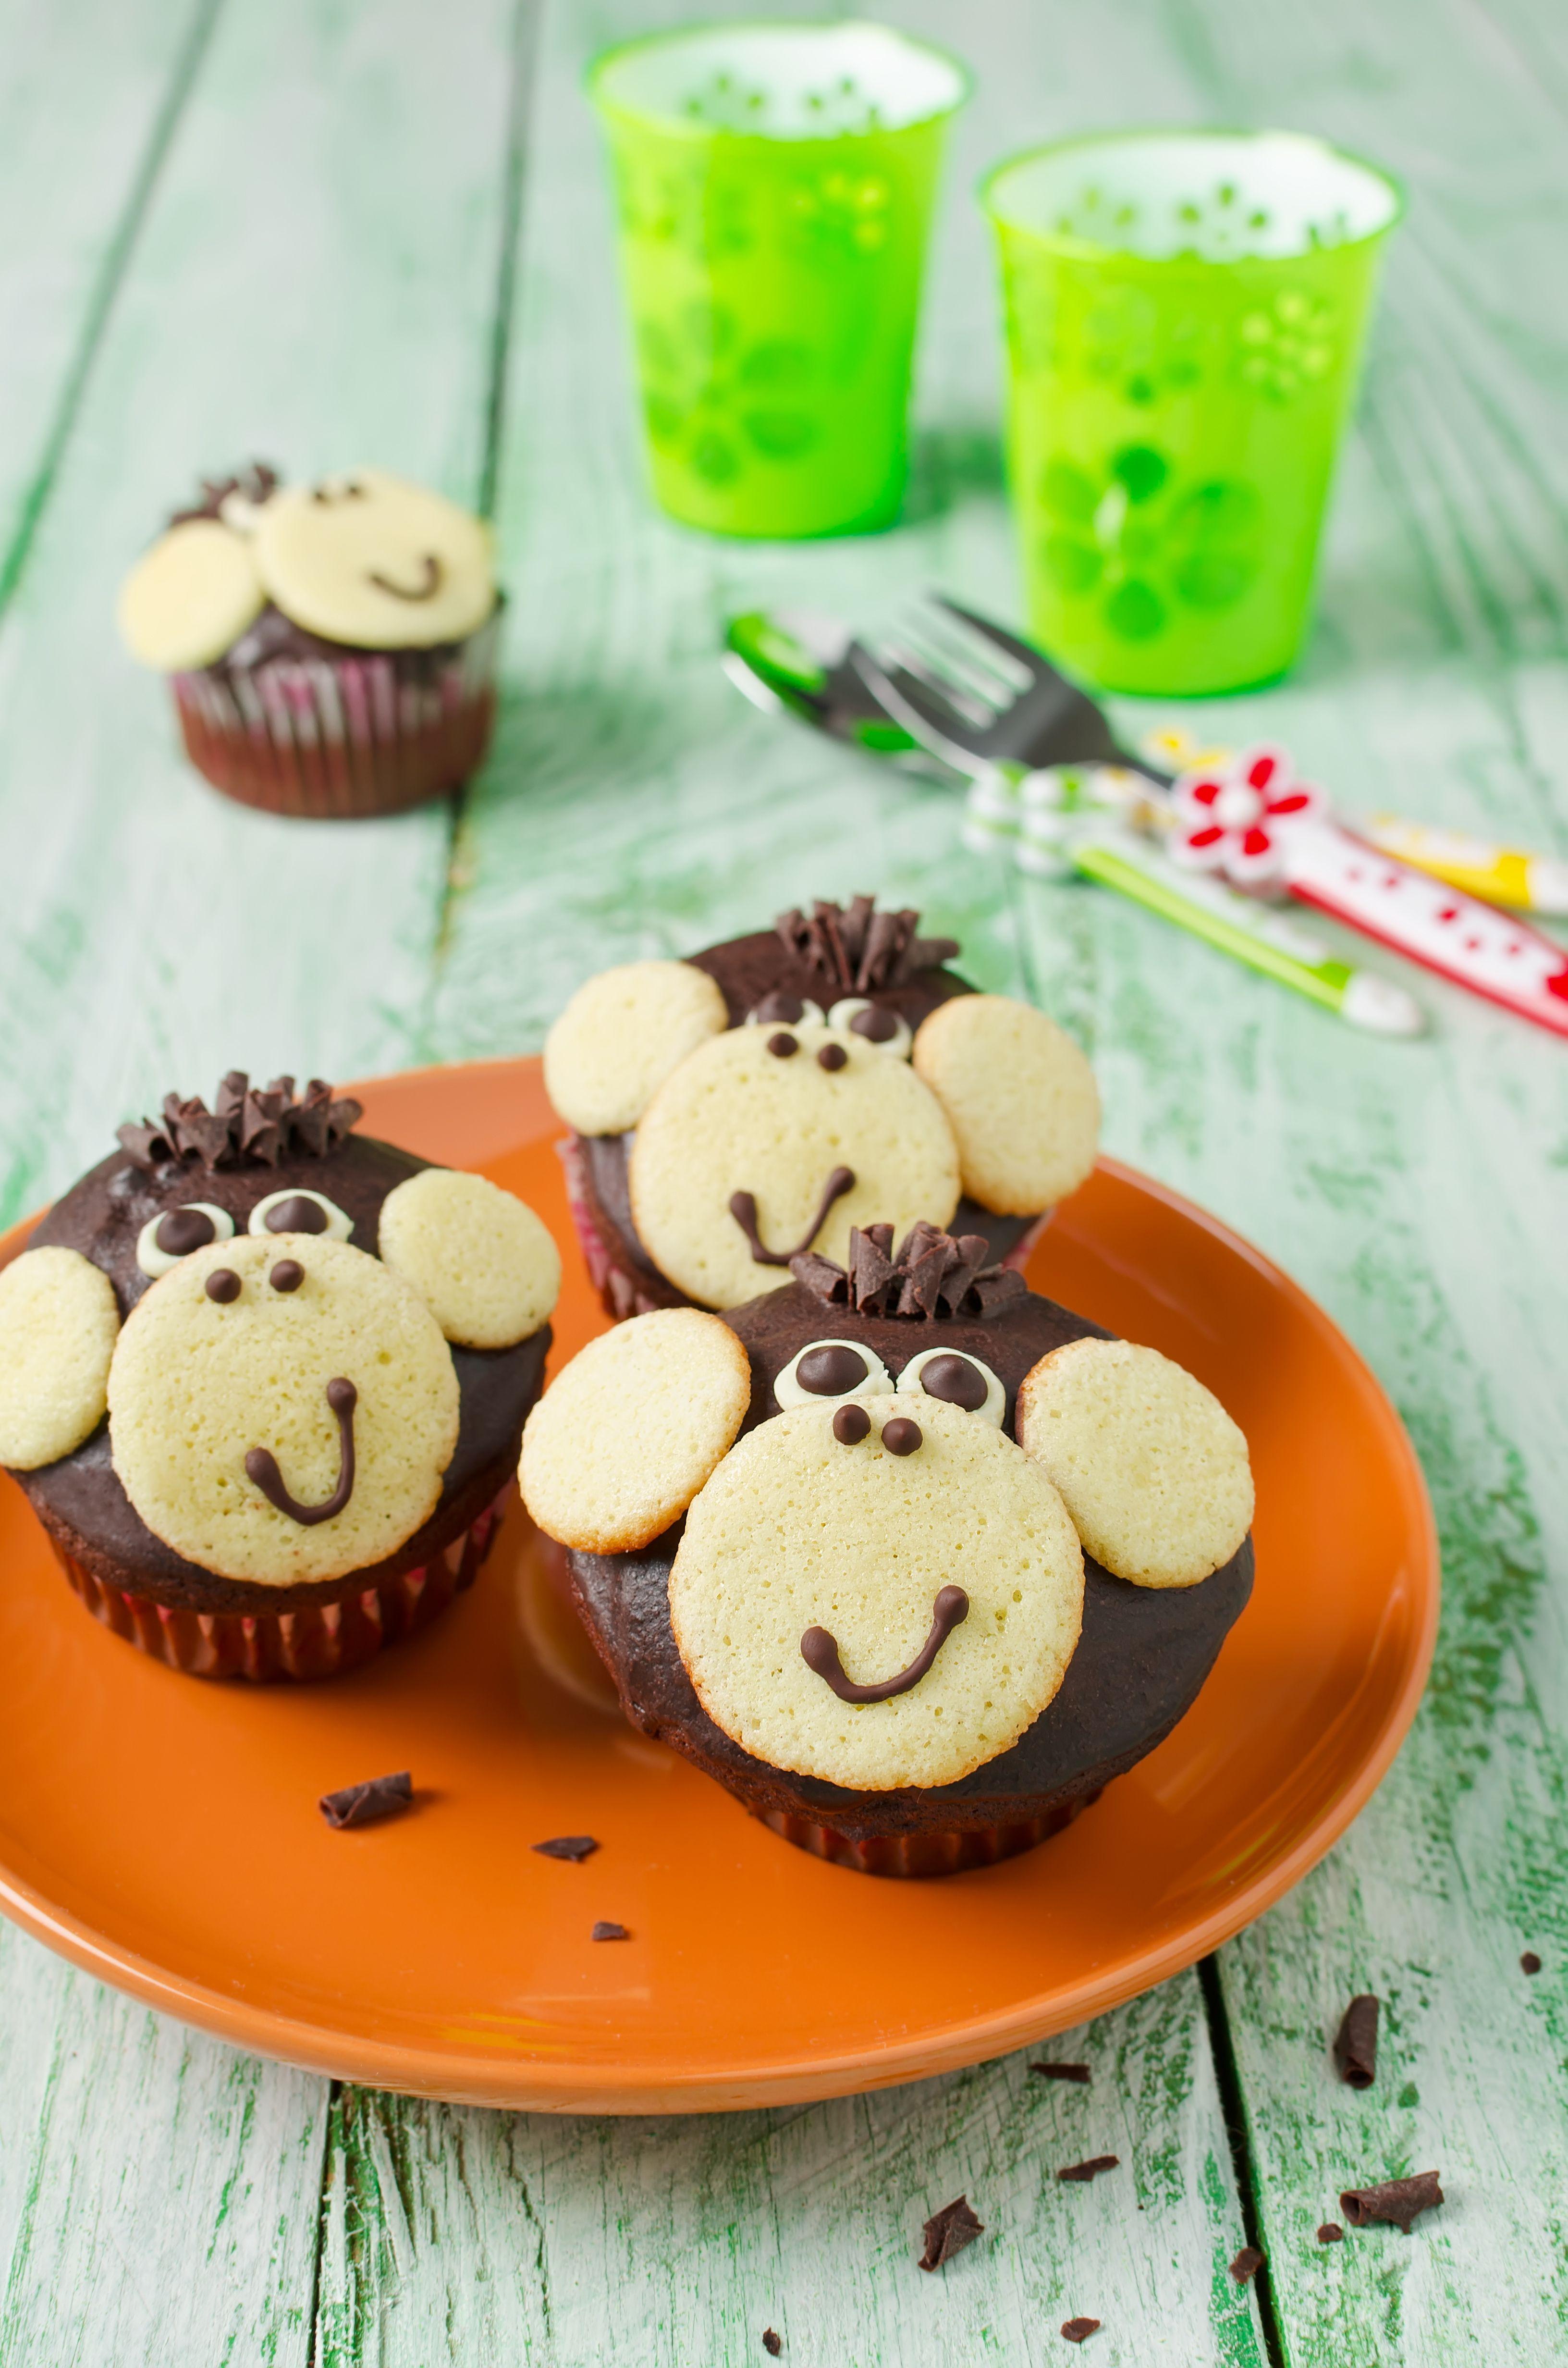 affen muffins abschied bekki pinterest affen muffins muffins und geburtstag torte. Black Bedroom Furniture Sets. Home Design Ideas